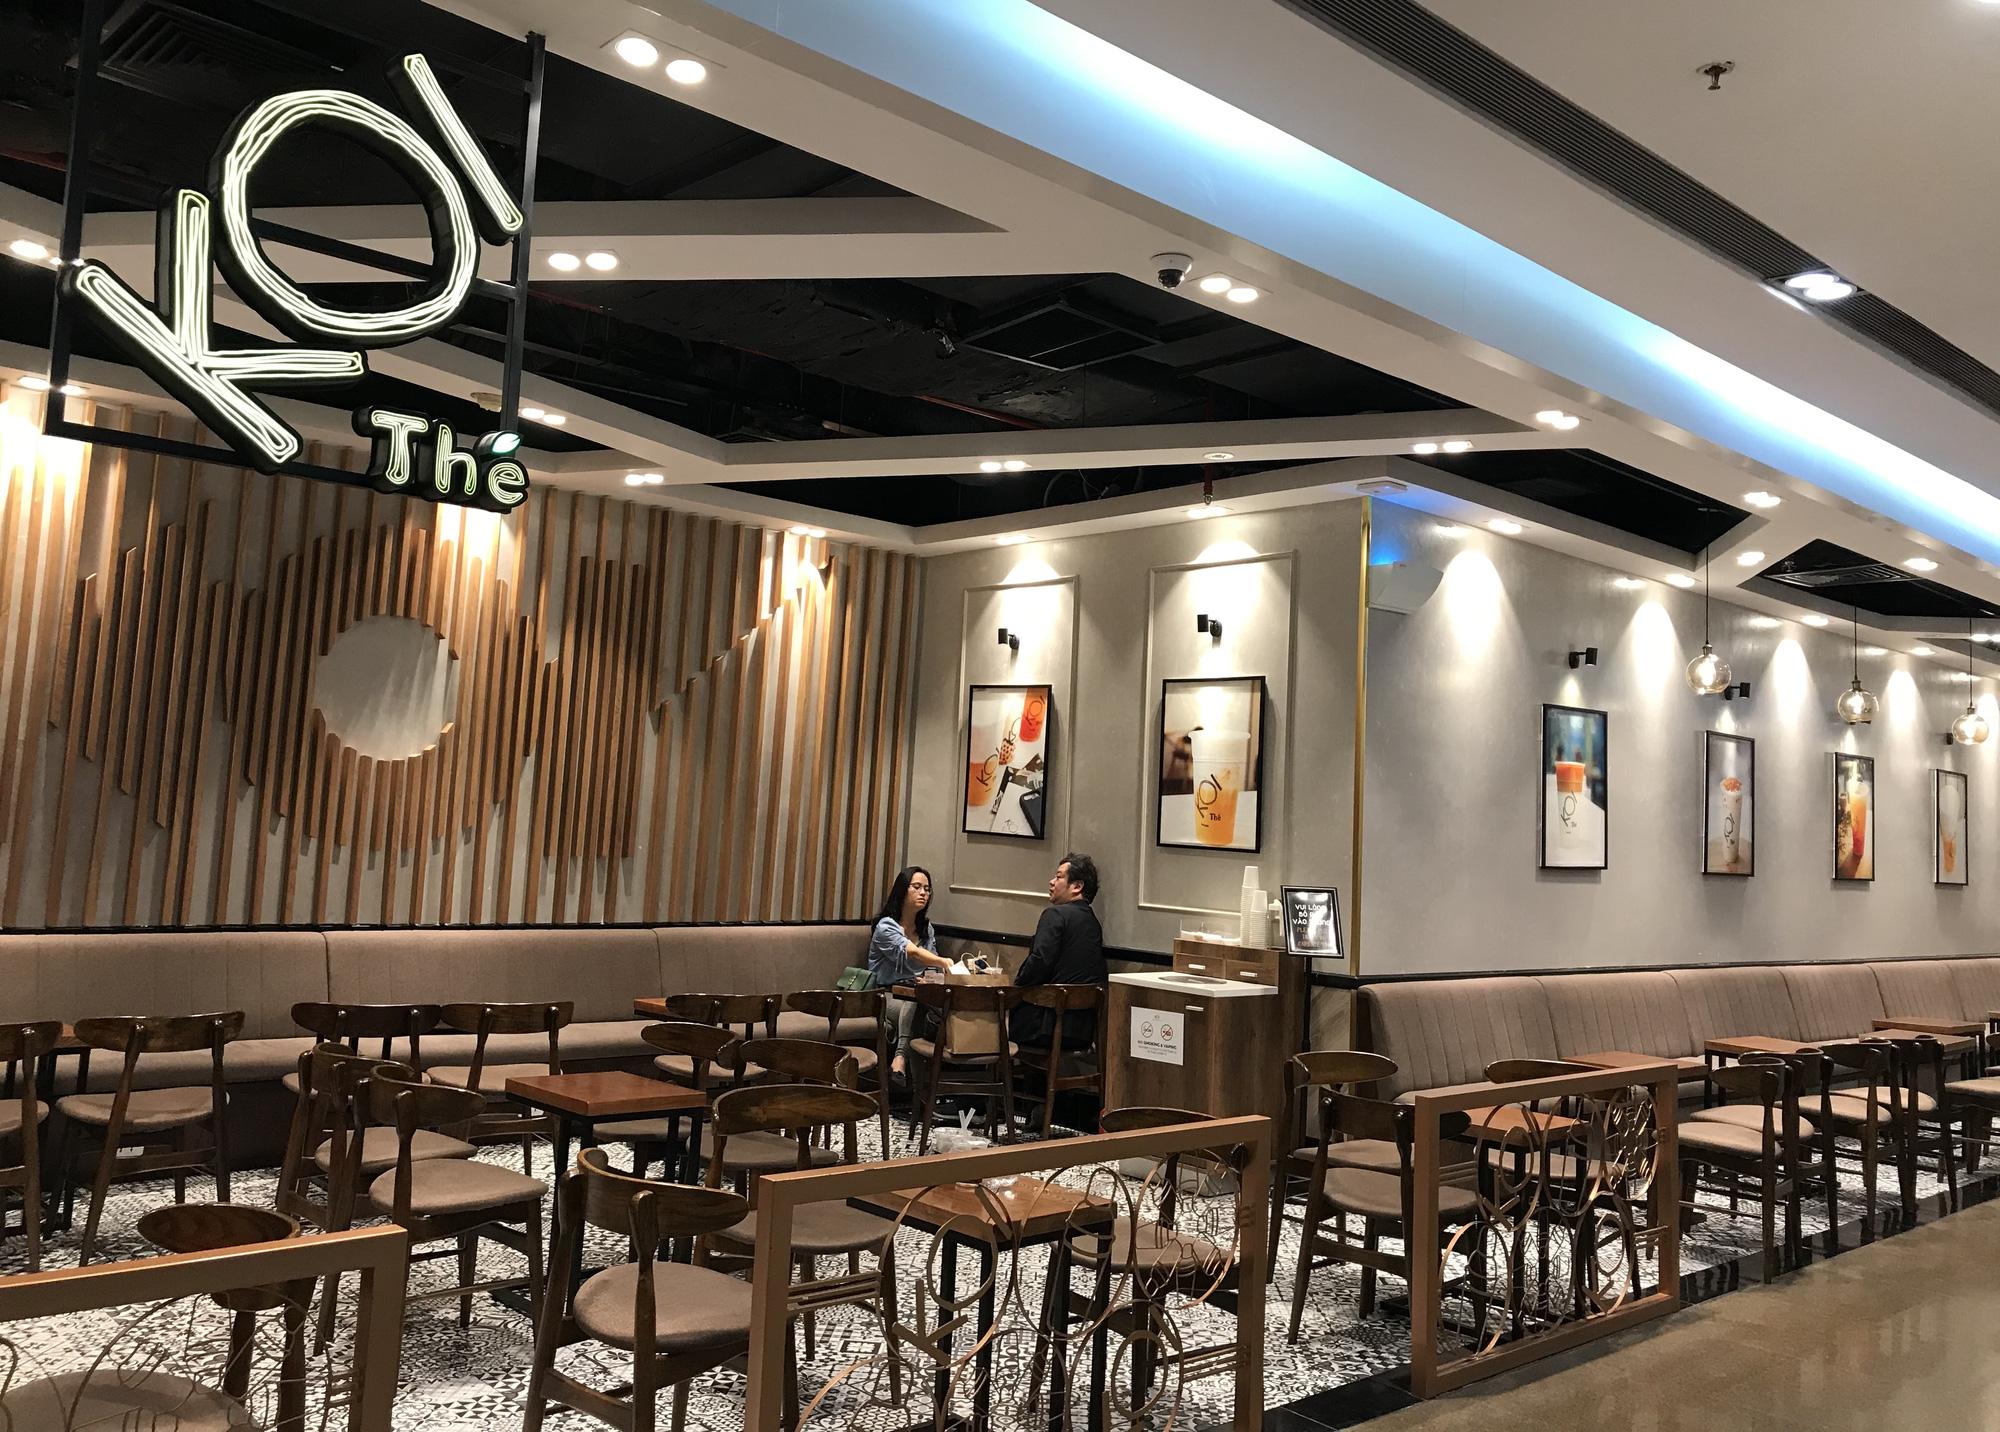 Nhà hàng, quán ăn, cà phê, trà sữa ở Sài Gòn quay lại cảnh đợi khách, vắng tanh chưa từng thấy vì dịch Covid-19 - Ảnh 11.